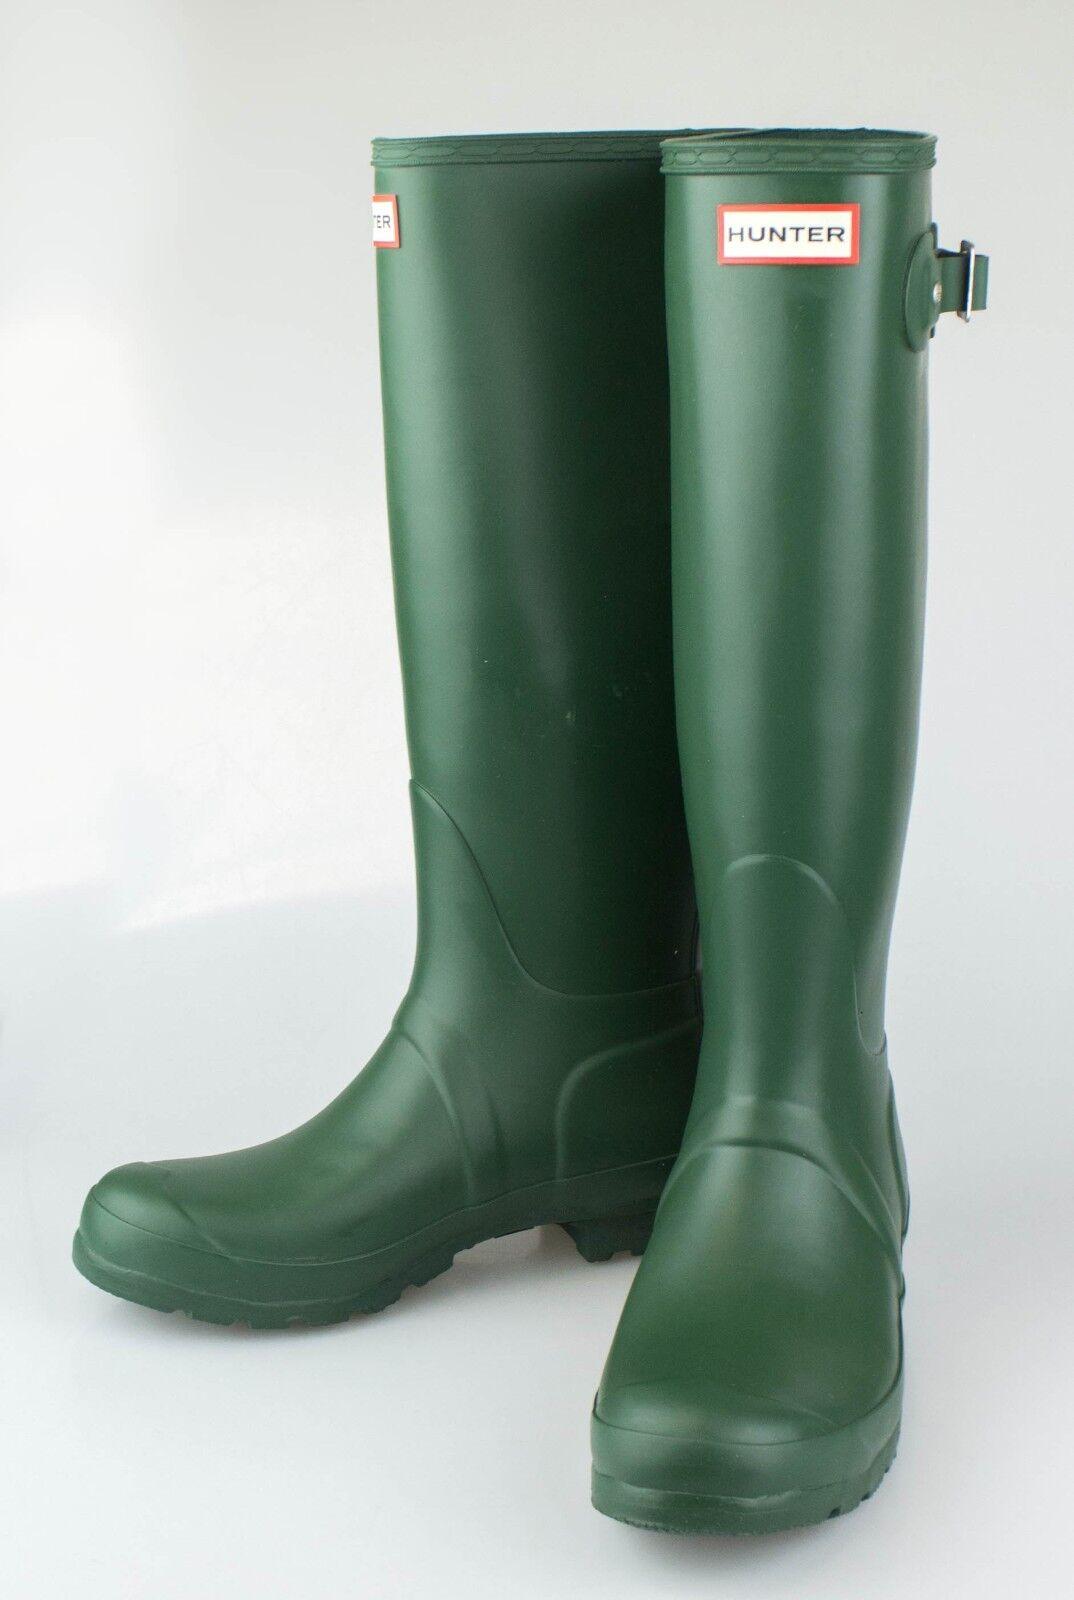 Nuevo en caja verde Oscuro Oscuro Oscuro Original Tall botas de Lluvia Zapatos Talla EE. UU. 6 Reino Unido 4 EU 37  perfecto